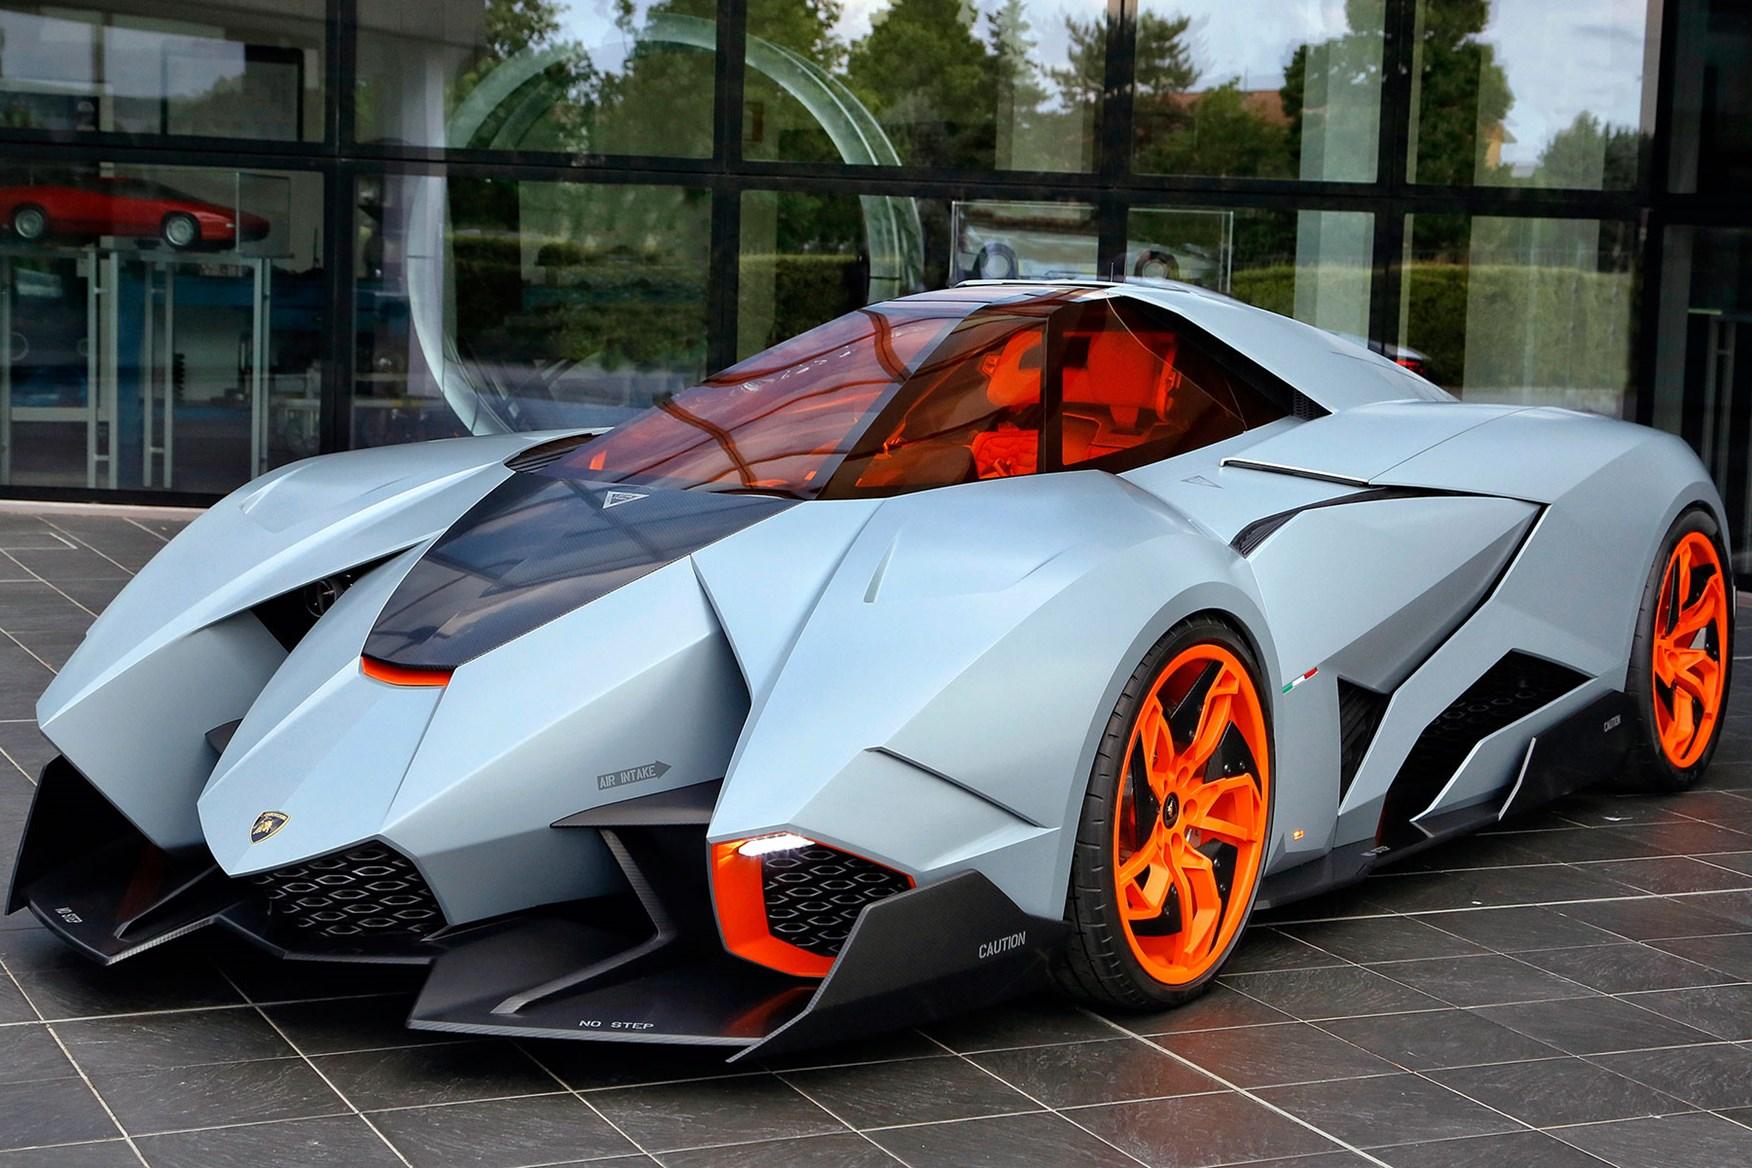 Lamborghini Jota Lamborghini Veneno Lamborghini Egoista ...